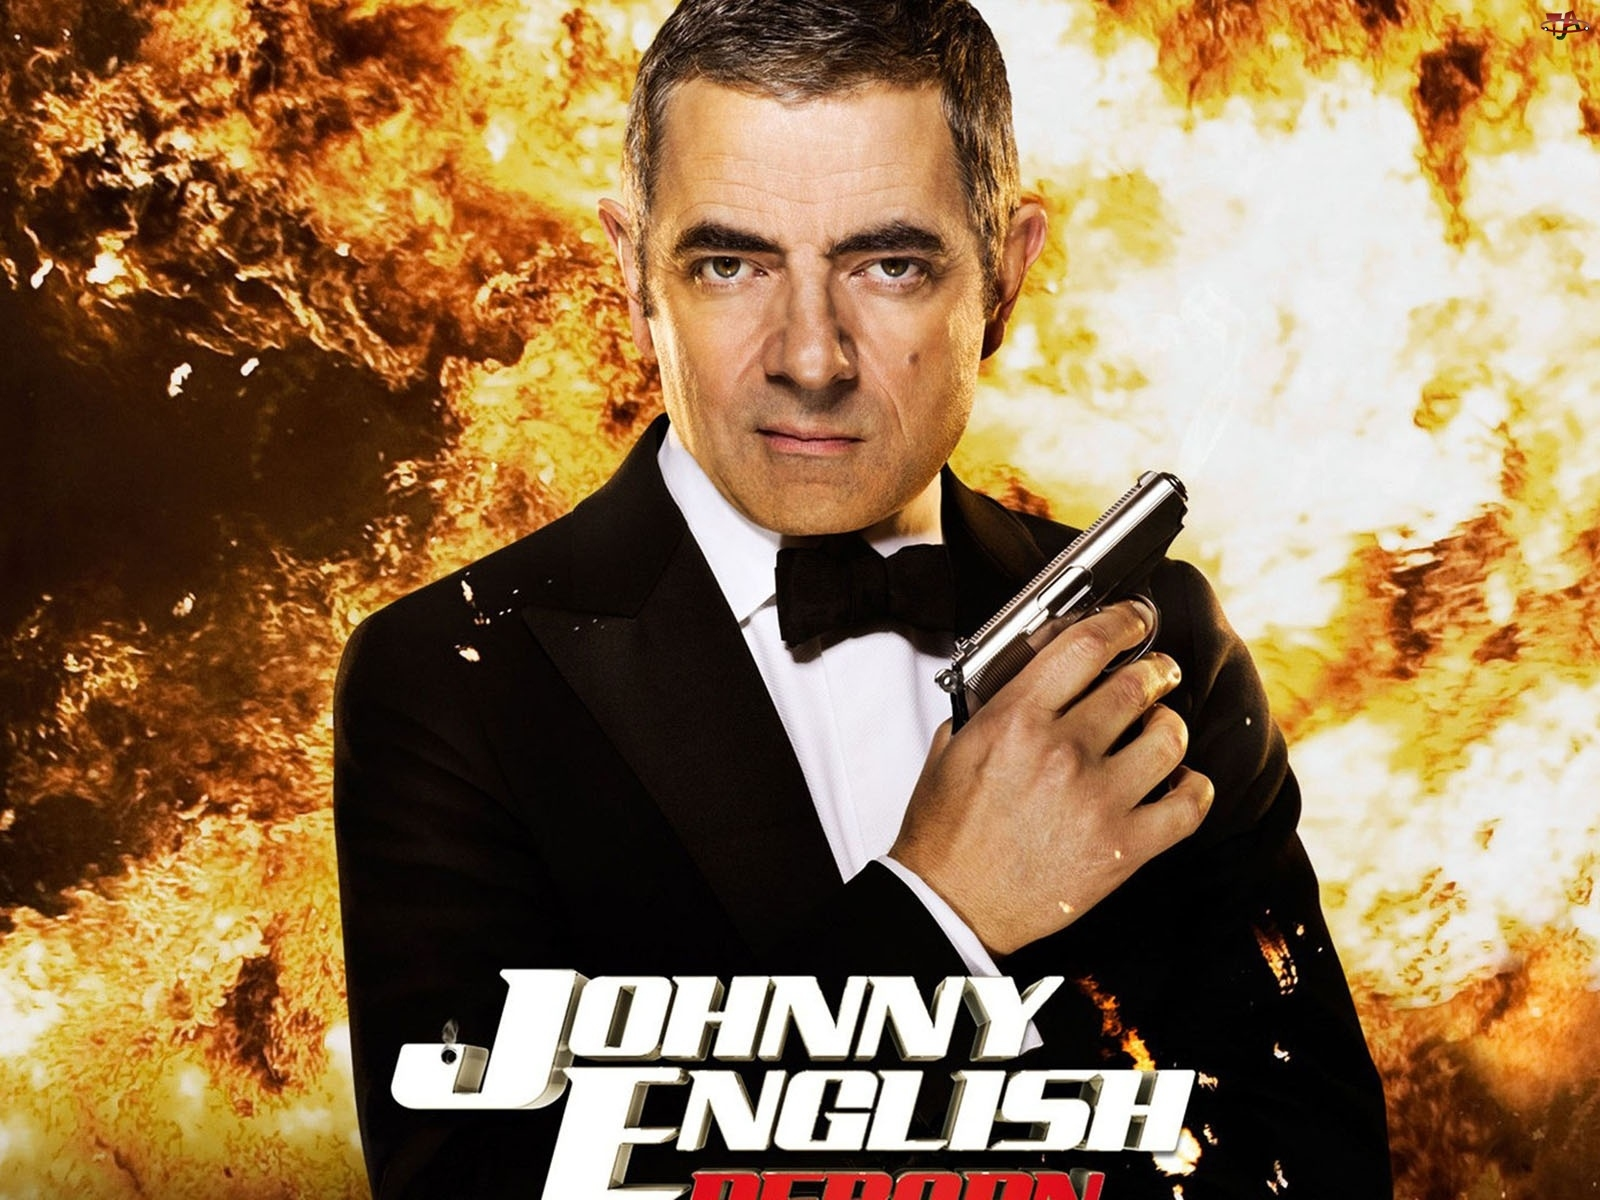 Johnny English, Aktor, Rowan Atkinson, Film